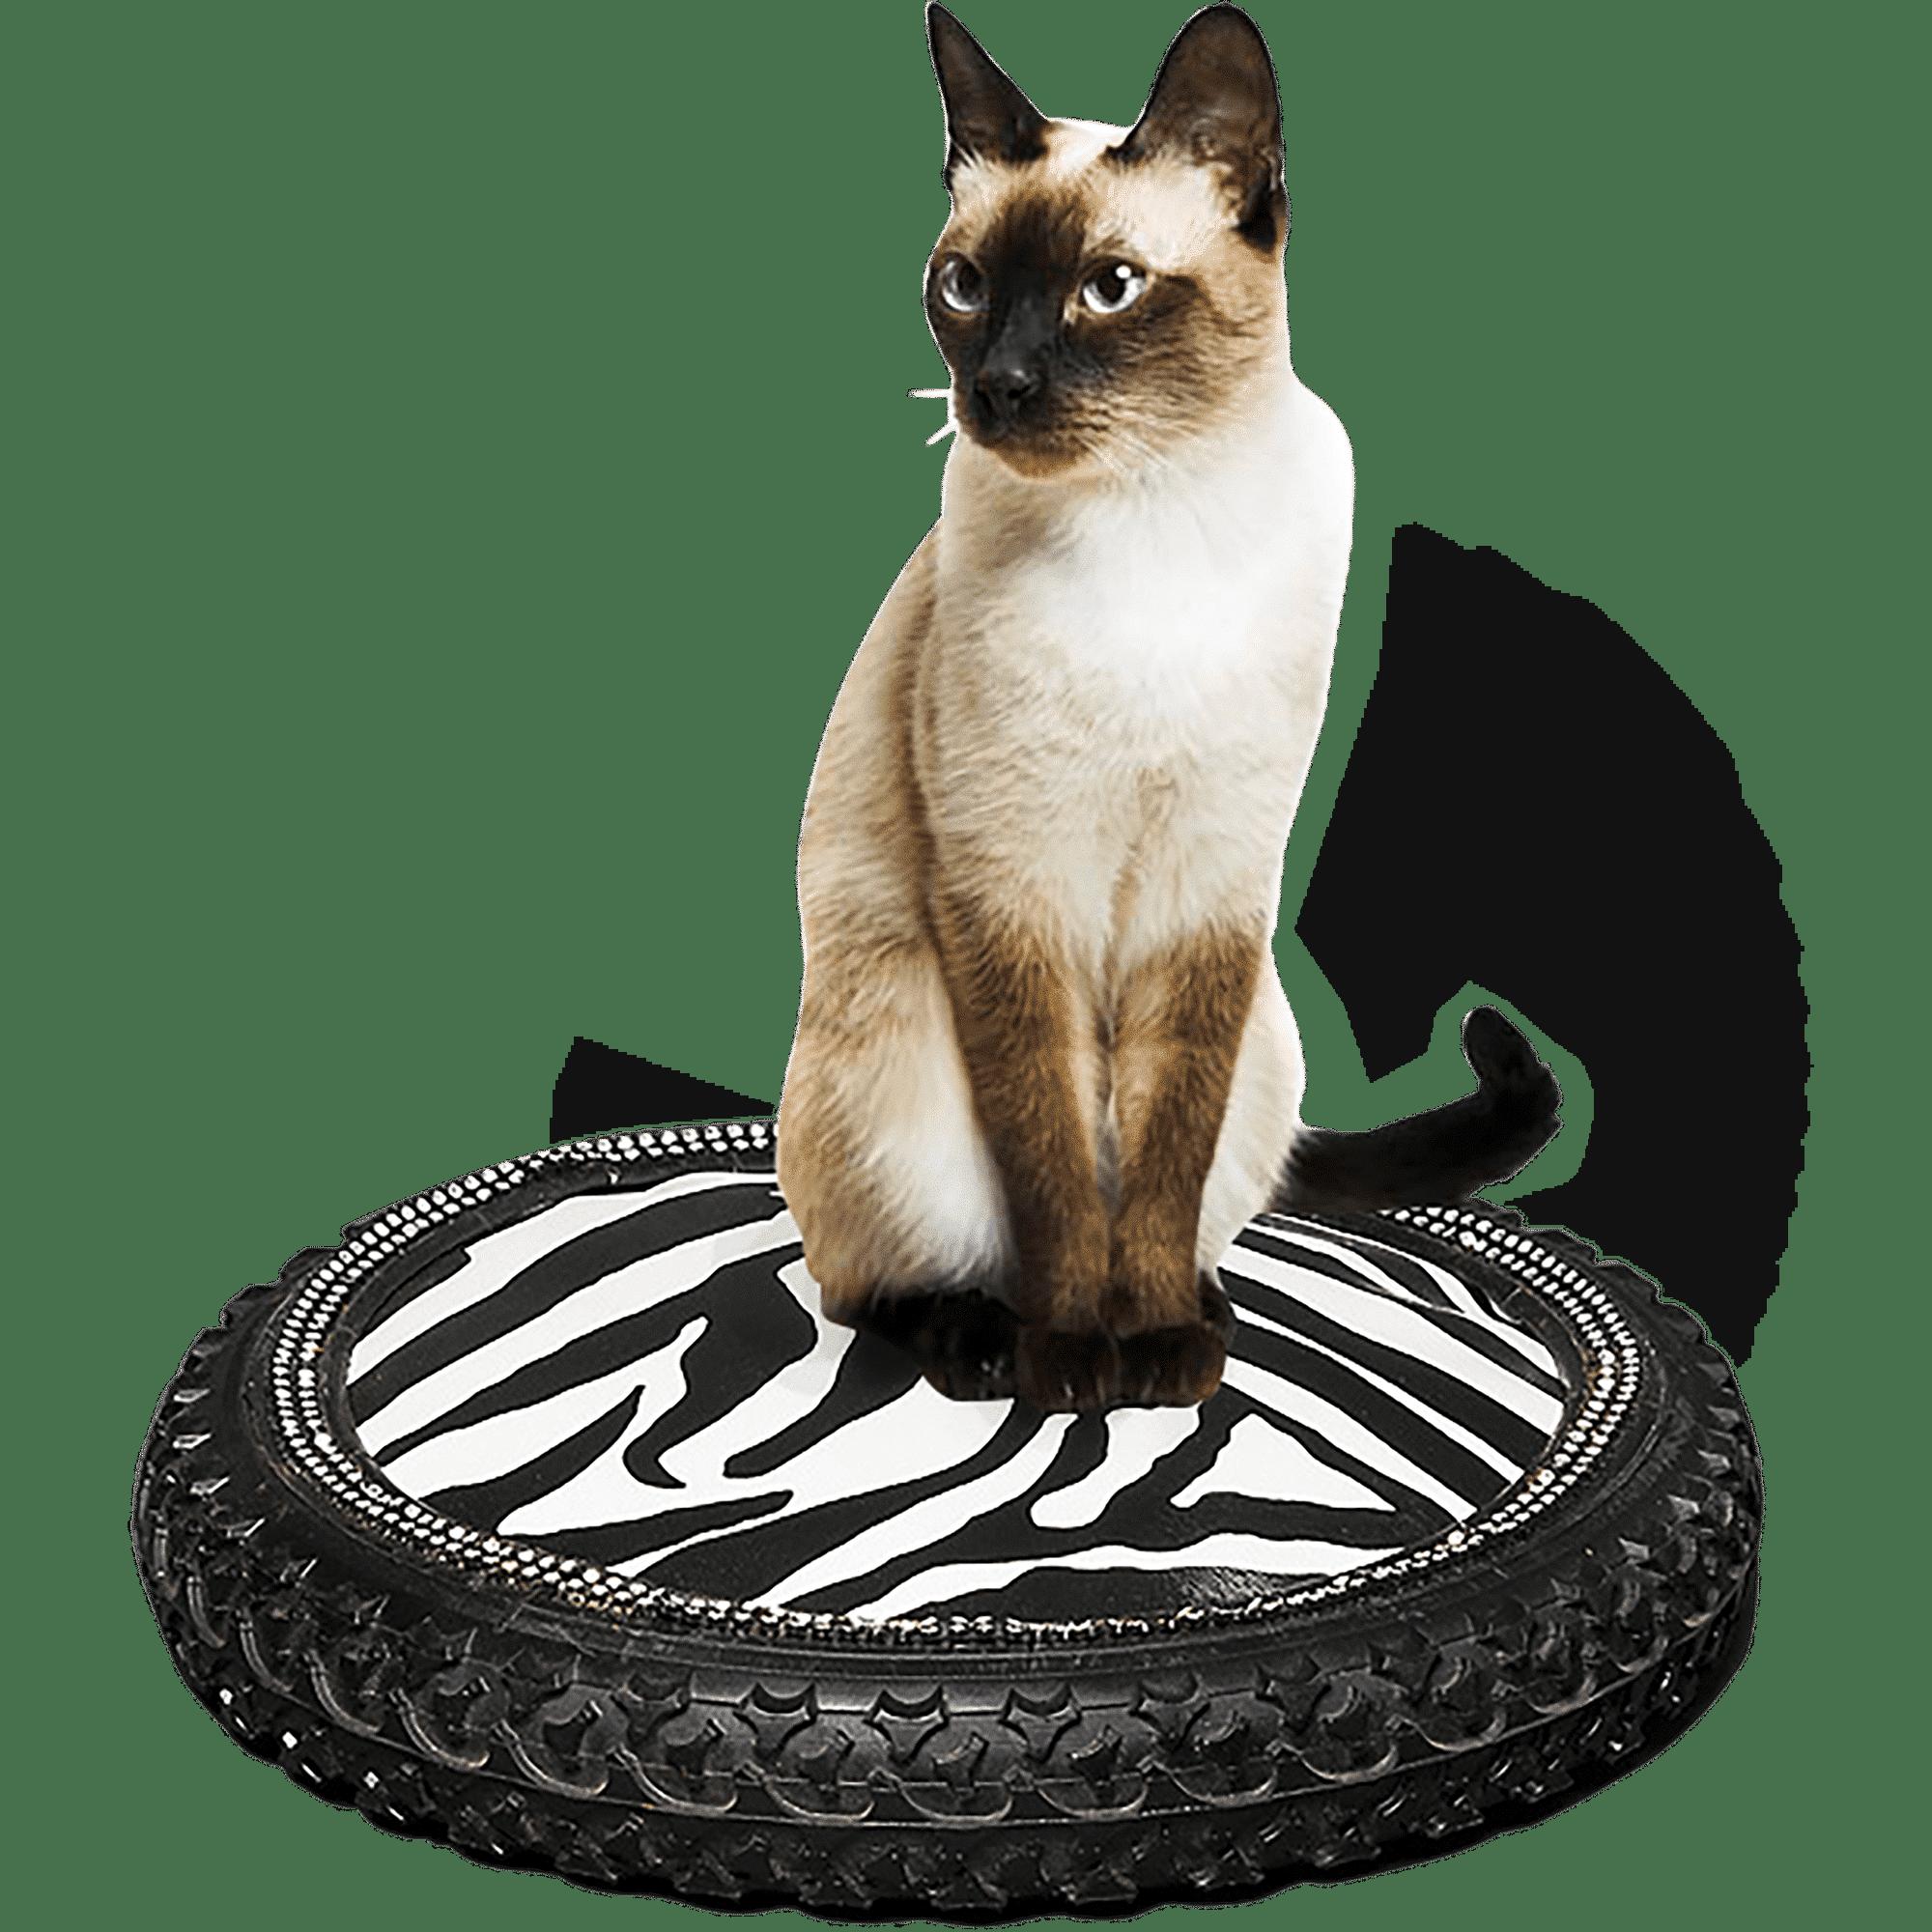 Daniela DAUDE artiste Conception de mobilier haut de gamme pour animaux Création artistique unique fait main Plein d'idées cadeau pour chat chien chihuahua